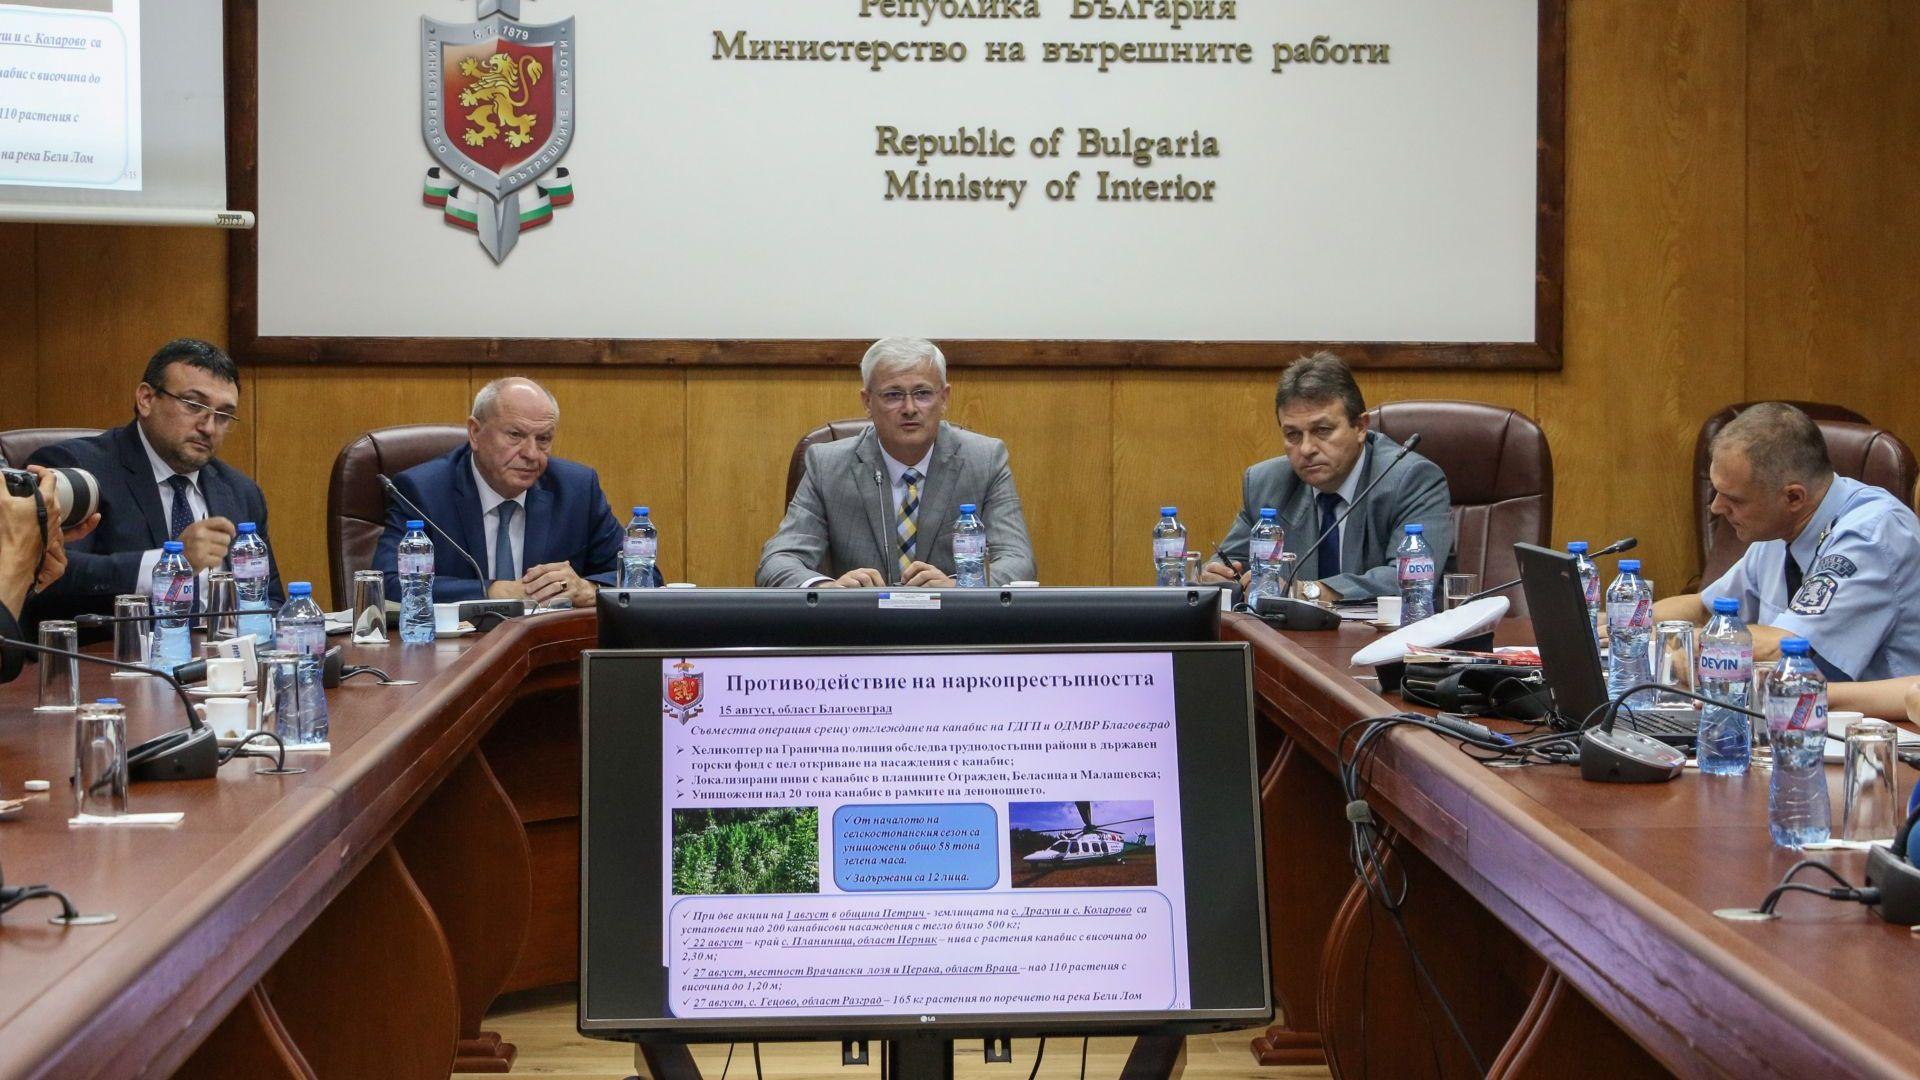 Катаджиите направили куп грешки след инцидента с бащата на президента Радев